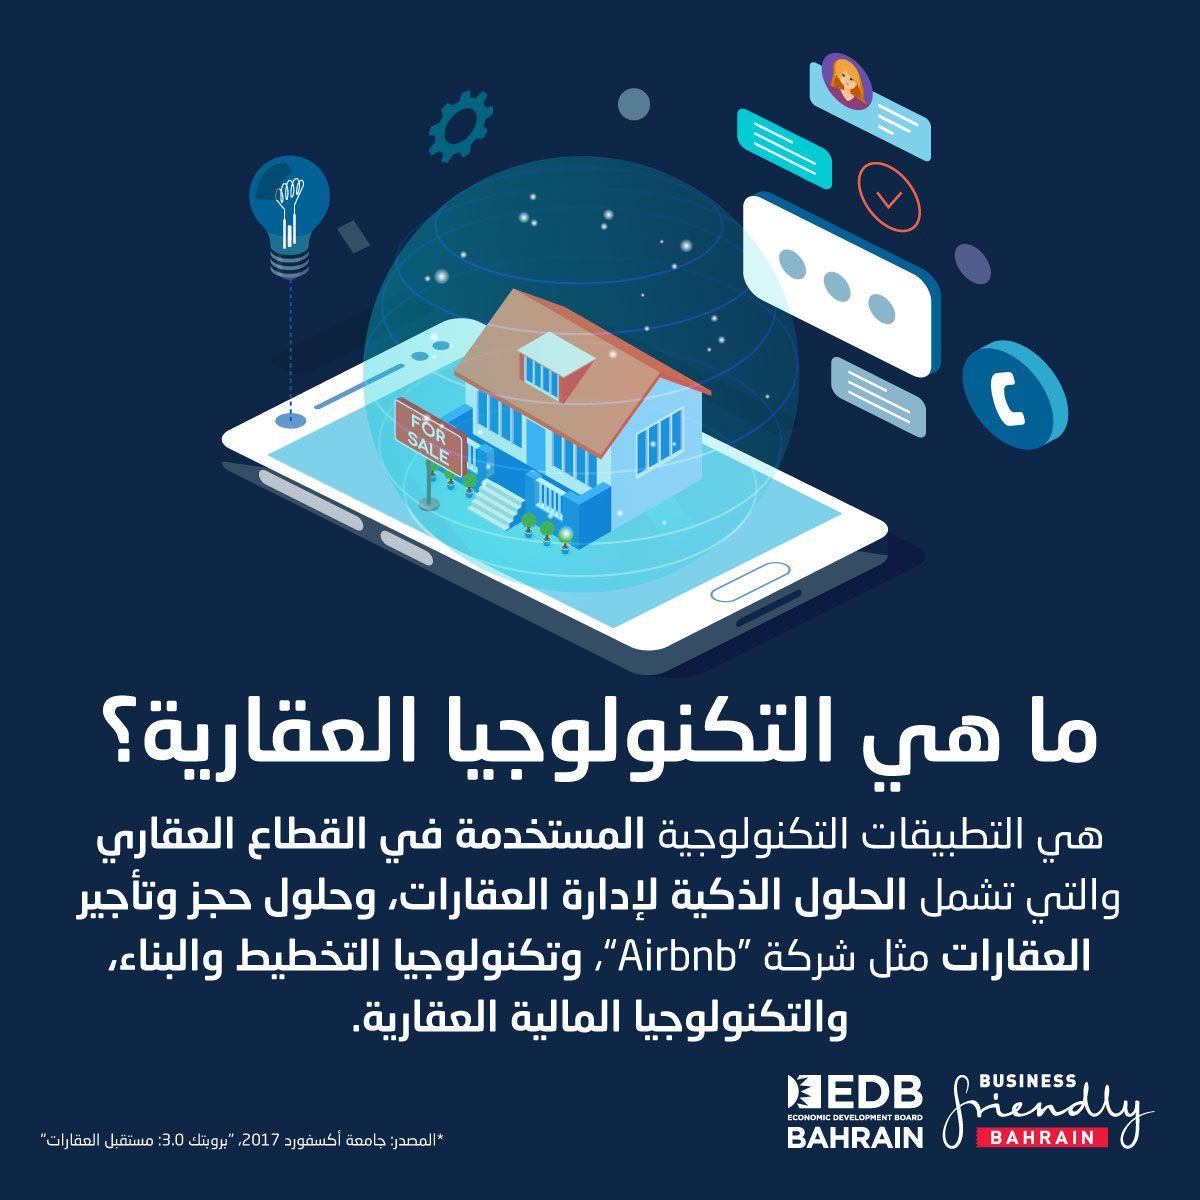 إطلاق أول شركة تكنولوجيا عقارية في المنطقة من البحرين Monopoly Deal Business Ale